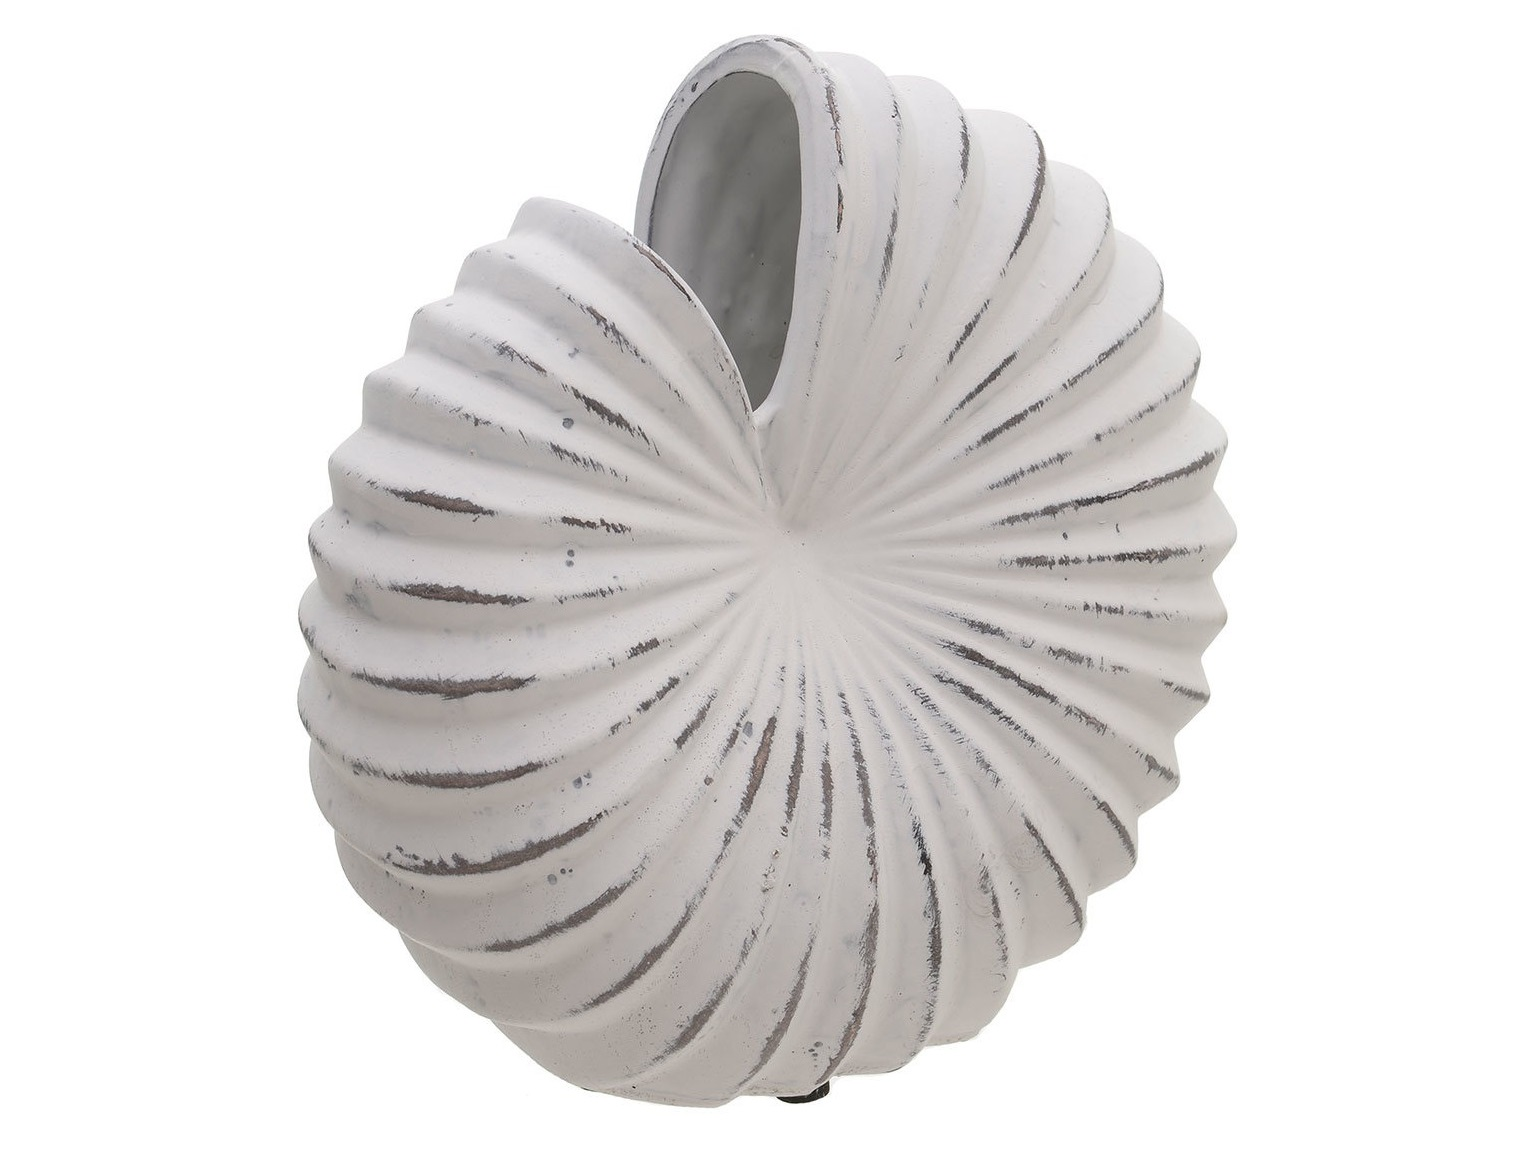 Ваза VuniroВазы<br><br><br>Material: Керамика<br>Width см: 22.5<br>Depth см: 11.5<br>Height см: 22